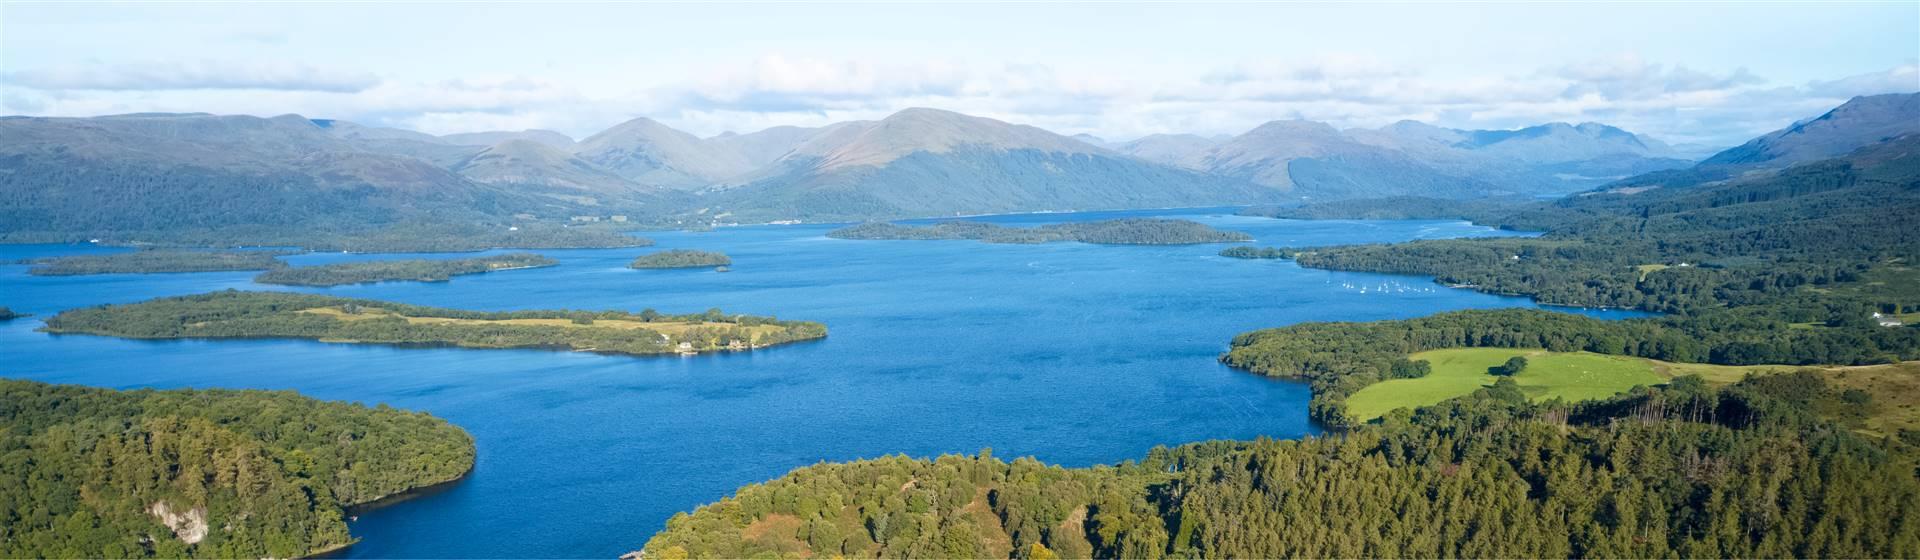 Scottish Lochs, Waterways & Western Highland Line